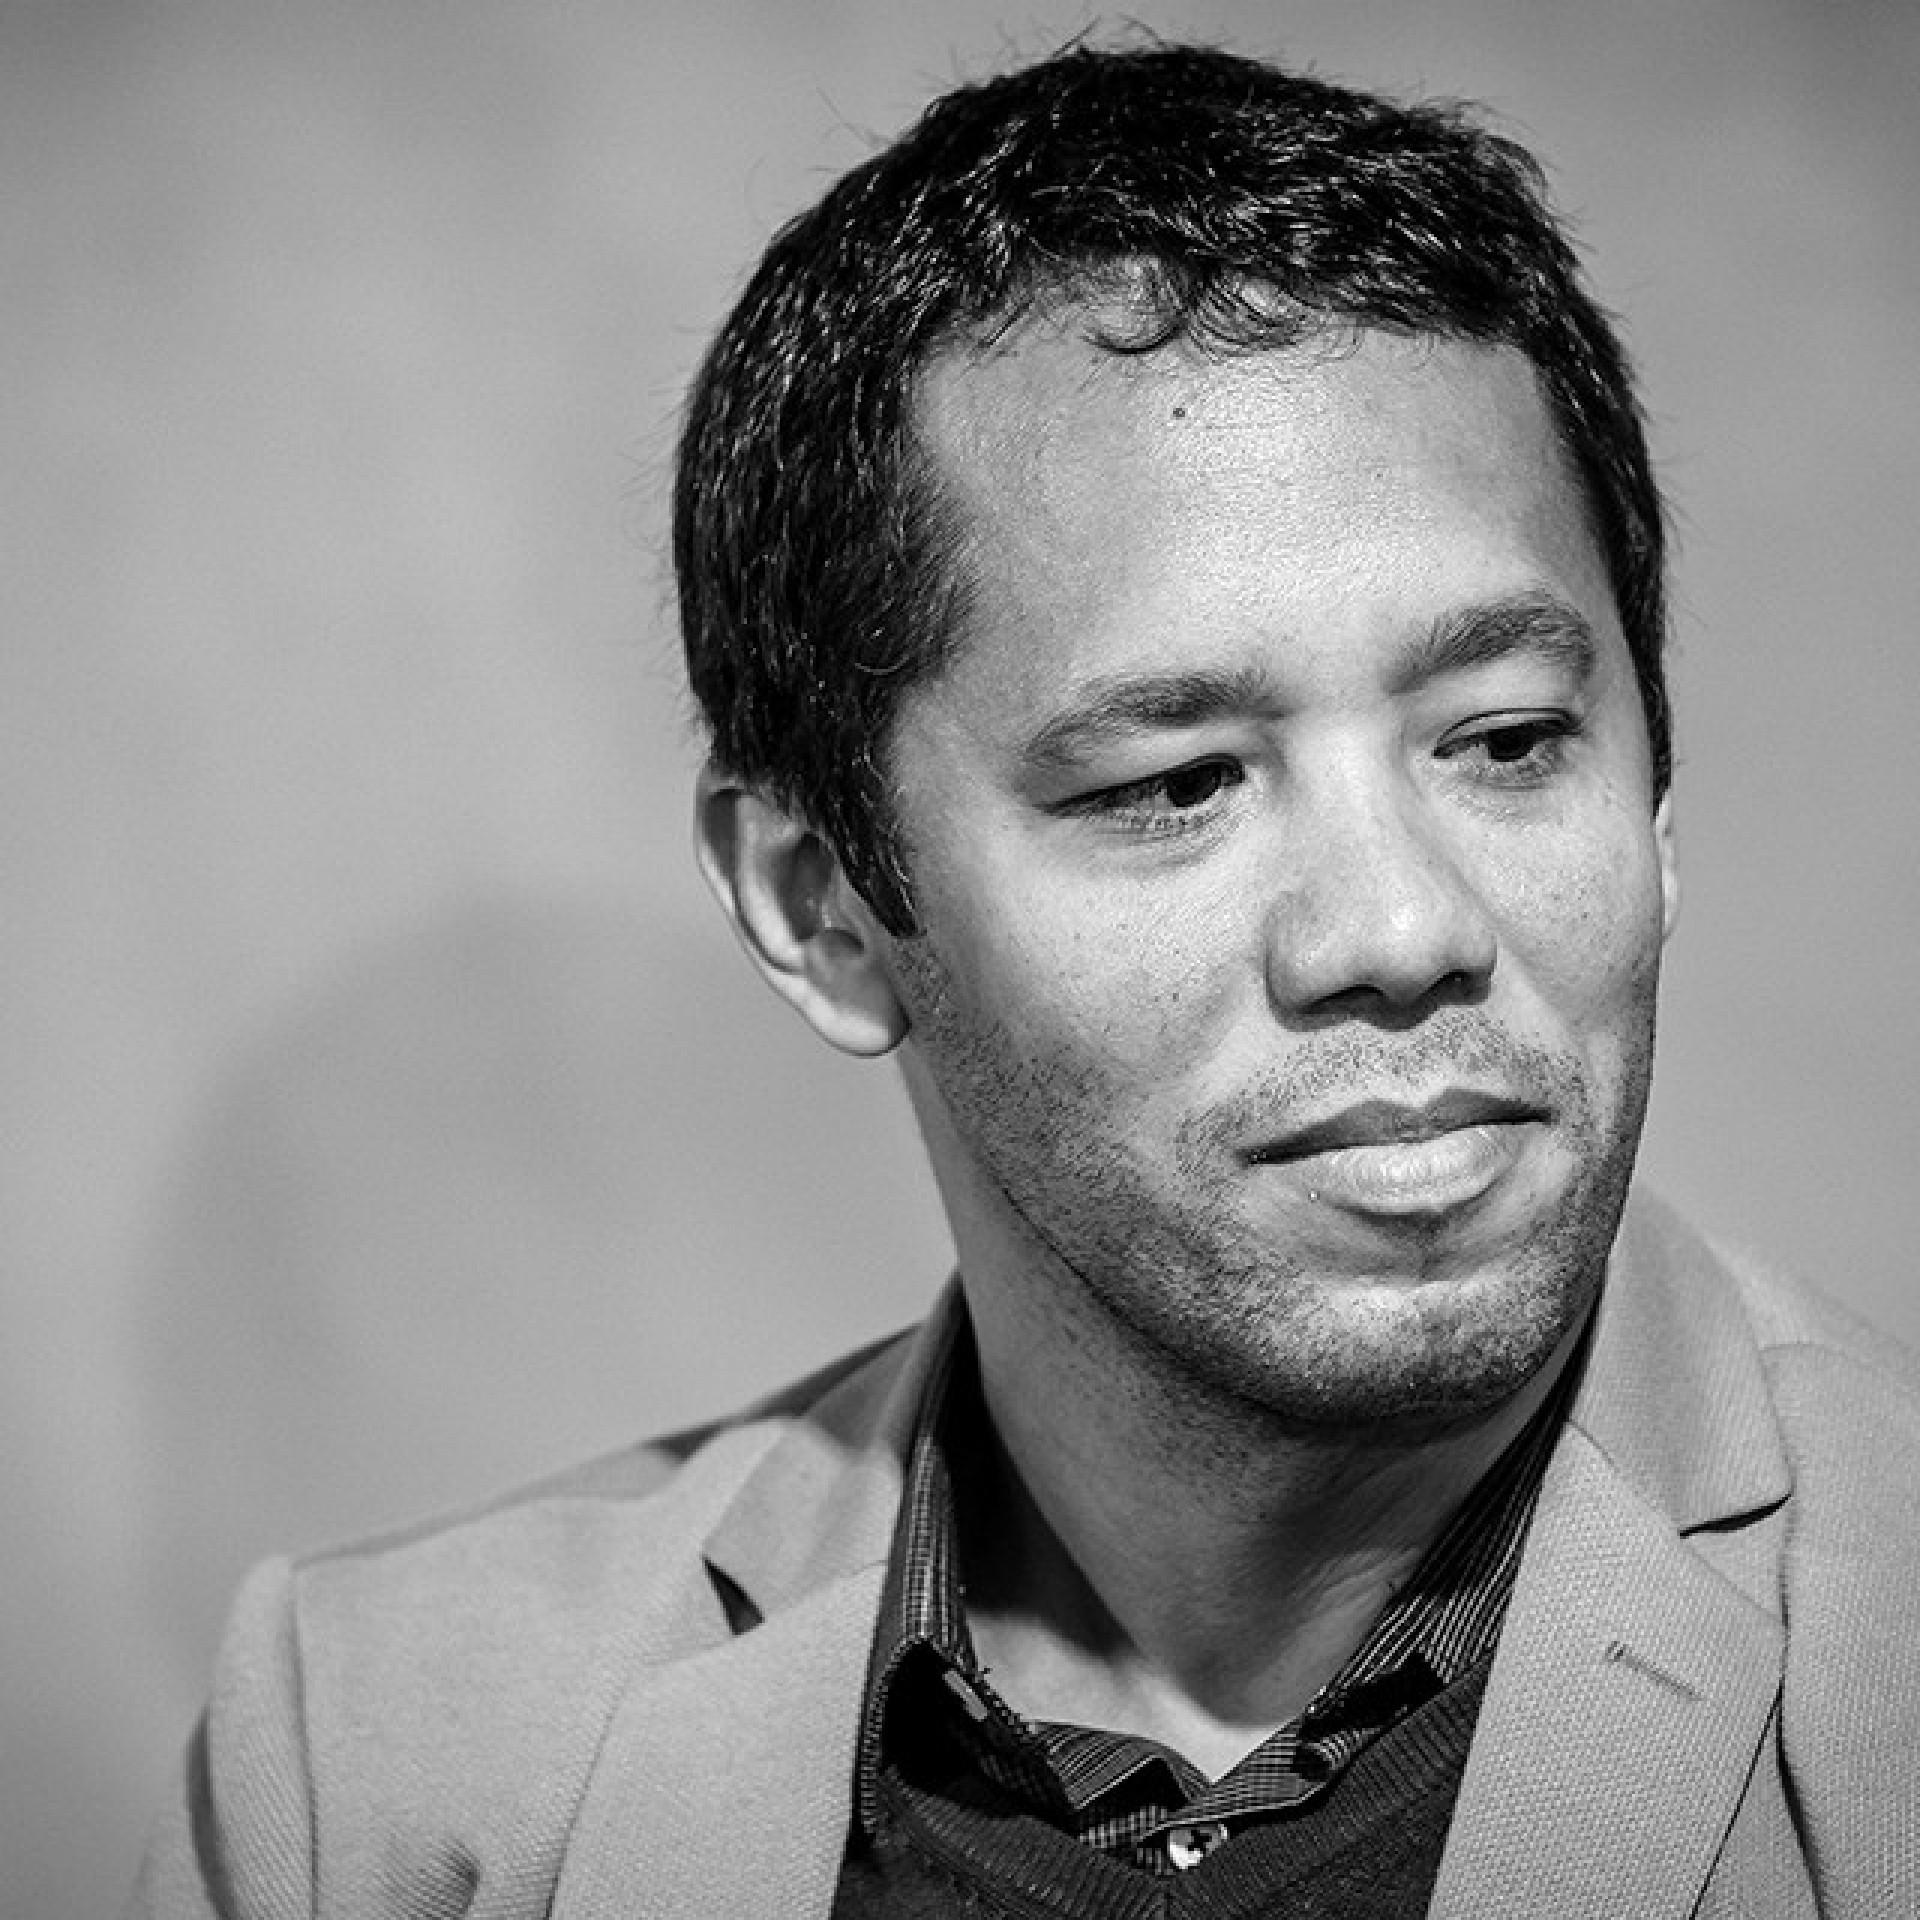 A terceira obra do autor brasileiro aborda questões como escravidão, o direito à terra, machismo e racismo.